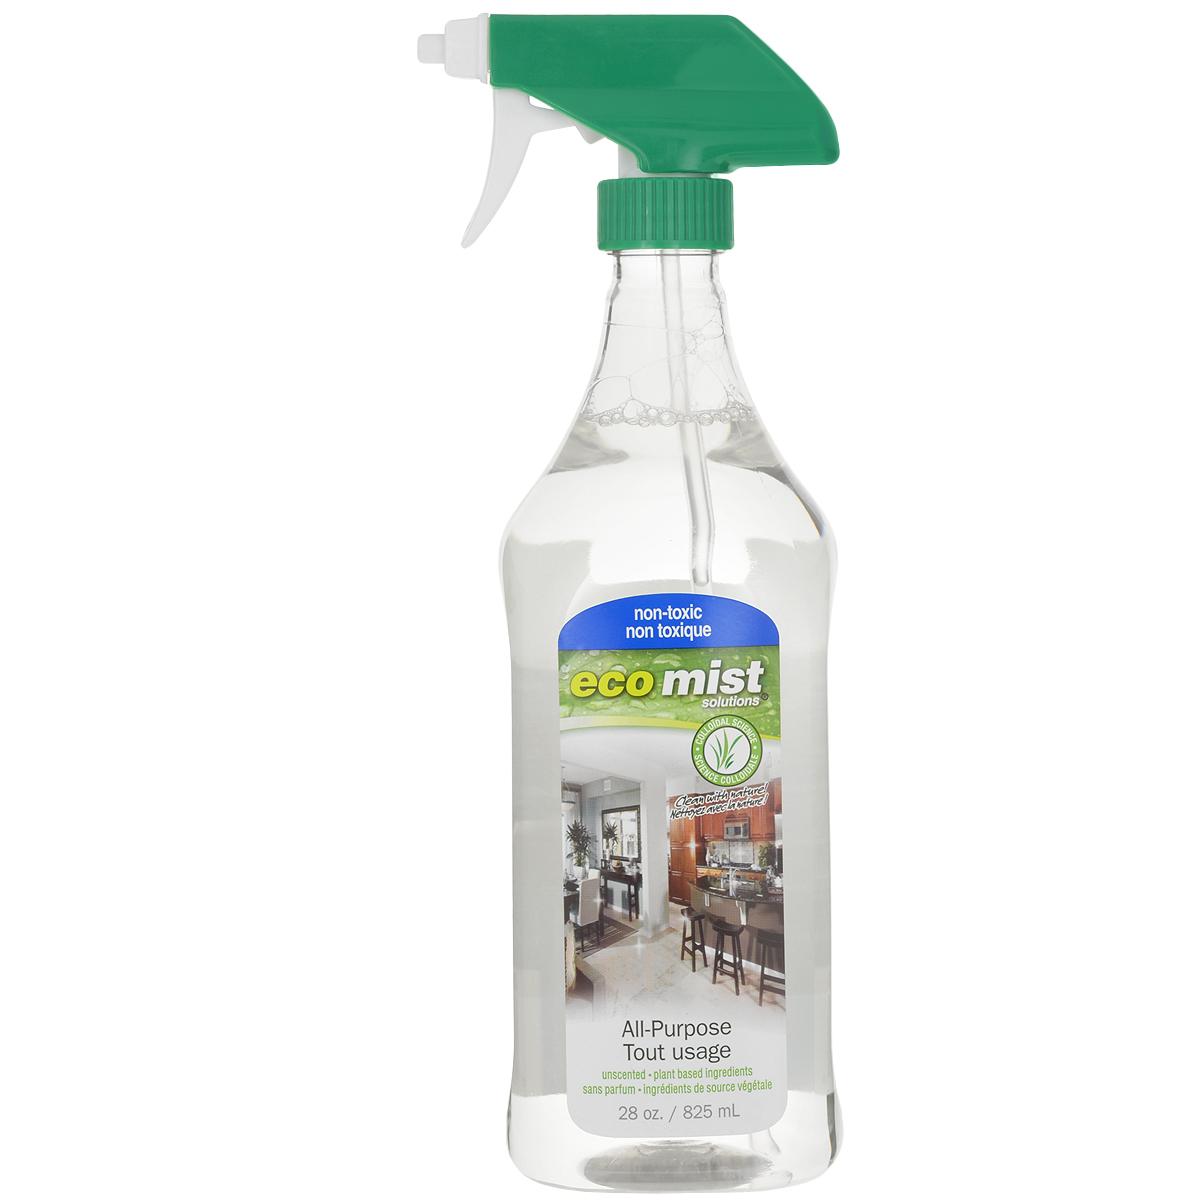 """Идеальное, высоконконцентрированное универсальное средство """"Eco Mist"""" для придания чистоты любым поверхностям в доме, в том числе детских игрушек, полов  и предметов в детской комнате. Также подходит для мытья предметов при уходе за пациентами. Это чистящее средство можно разбавить для приготовления рабочего раствора в пропорции 1:7, то есть 100 мл средства на 700 мл воды. Идеальная чистота - гарантированное здоровье для вас, ваших детей, близких и домашних животных. Не токсично. Без запаха.  Состав: дехлорированная вода, кукуруза, древесный сок, трава, экстракт картофеля, сахарный тростник.  Как выбрать качественную бытовую химию, безопасную для природы и людей. Статья OZON Гид"""